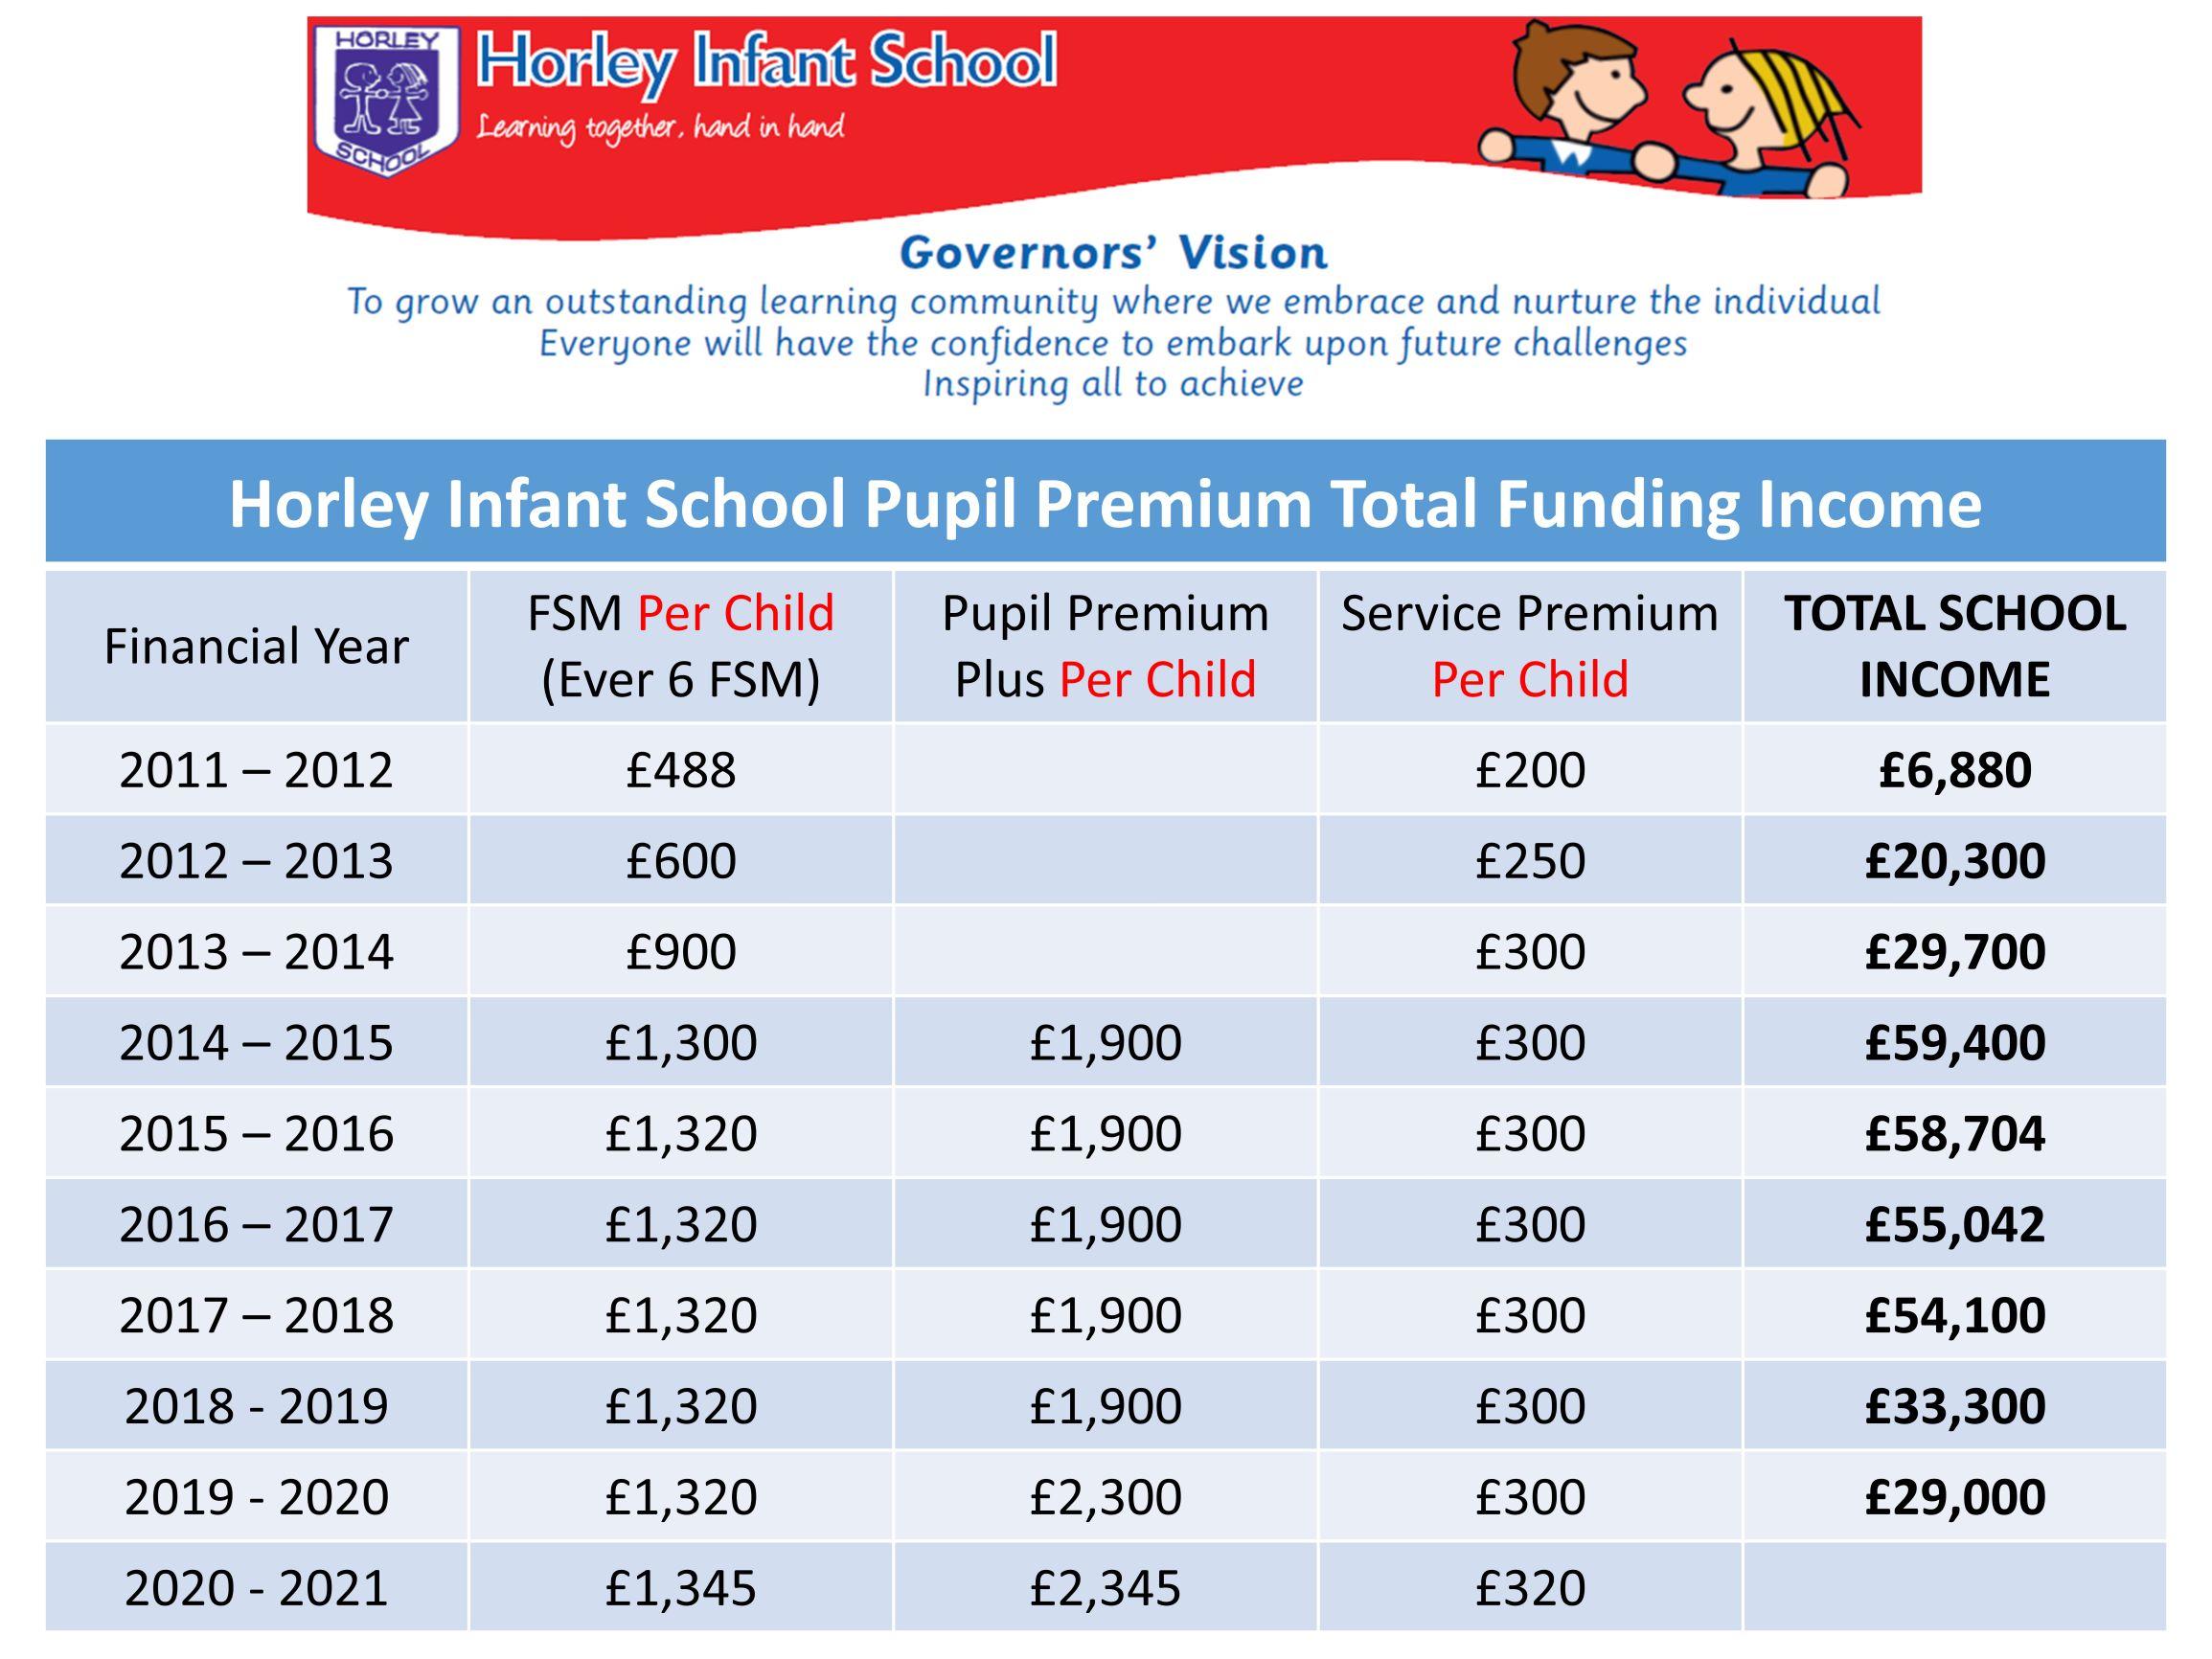 Pupil Premium Funding